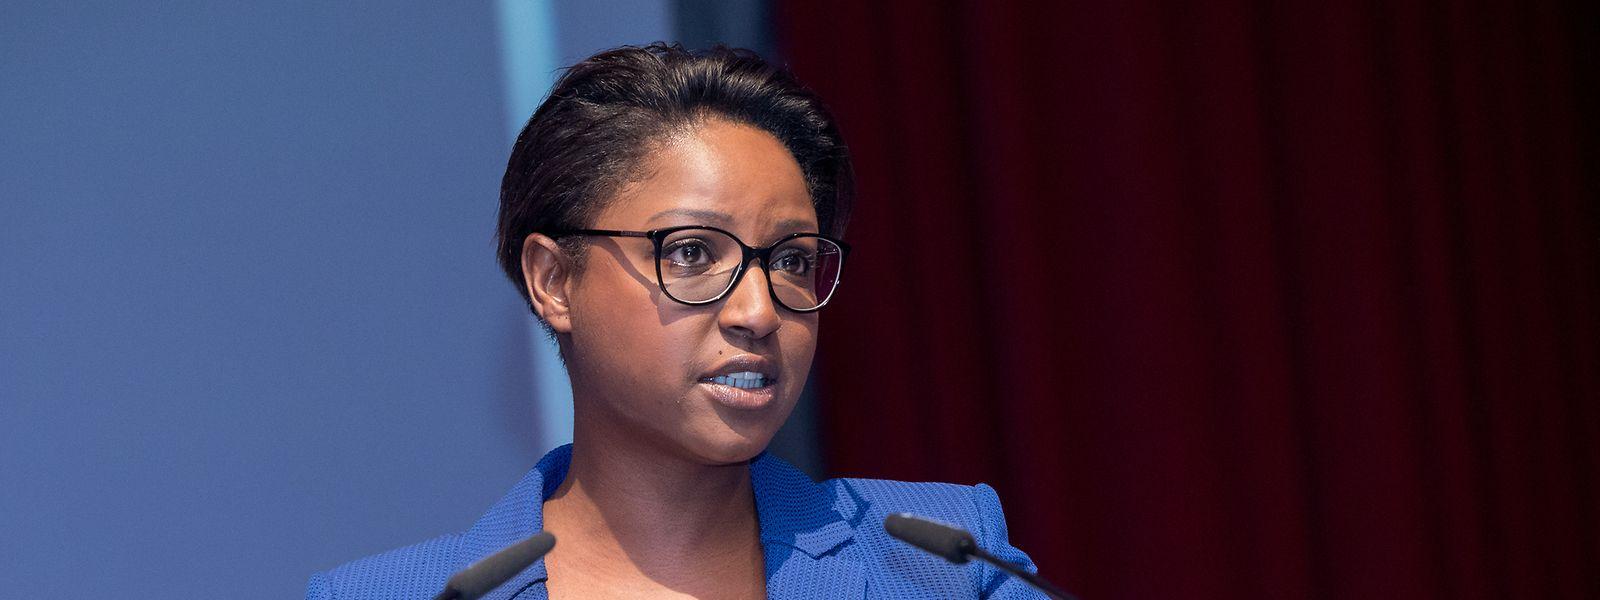 A 36 ans, ce faux pas va peser sur la suite de la carrière politique de l'ancienne présentatrice de RTL.